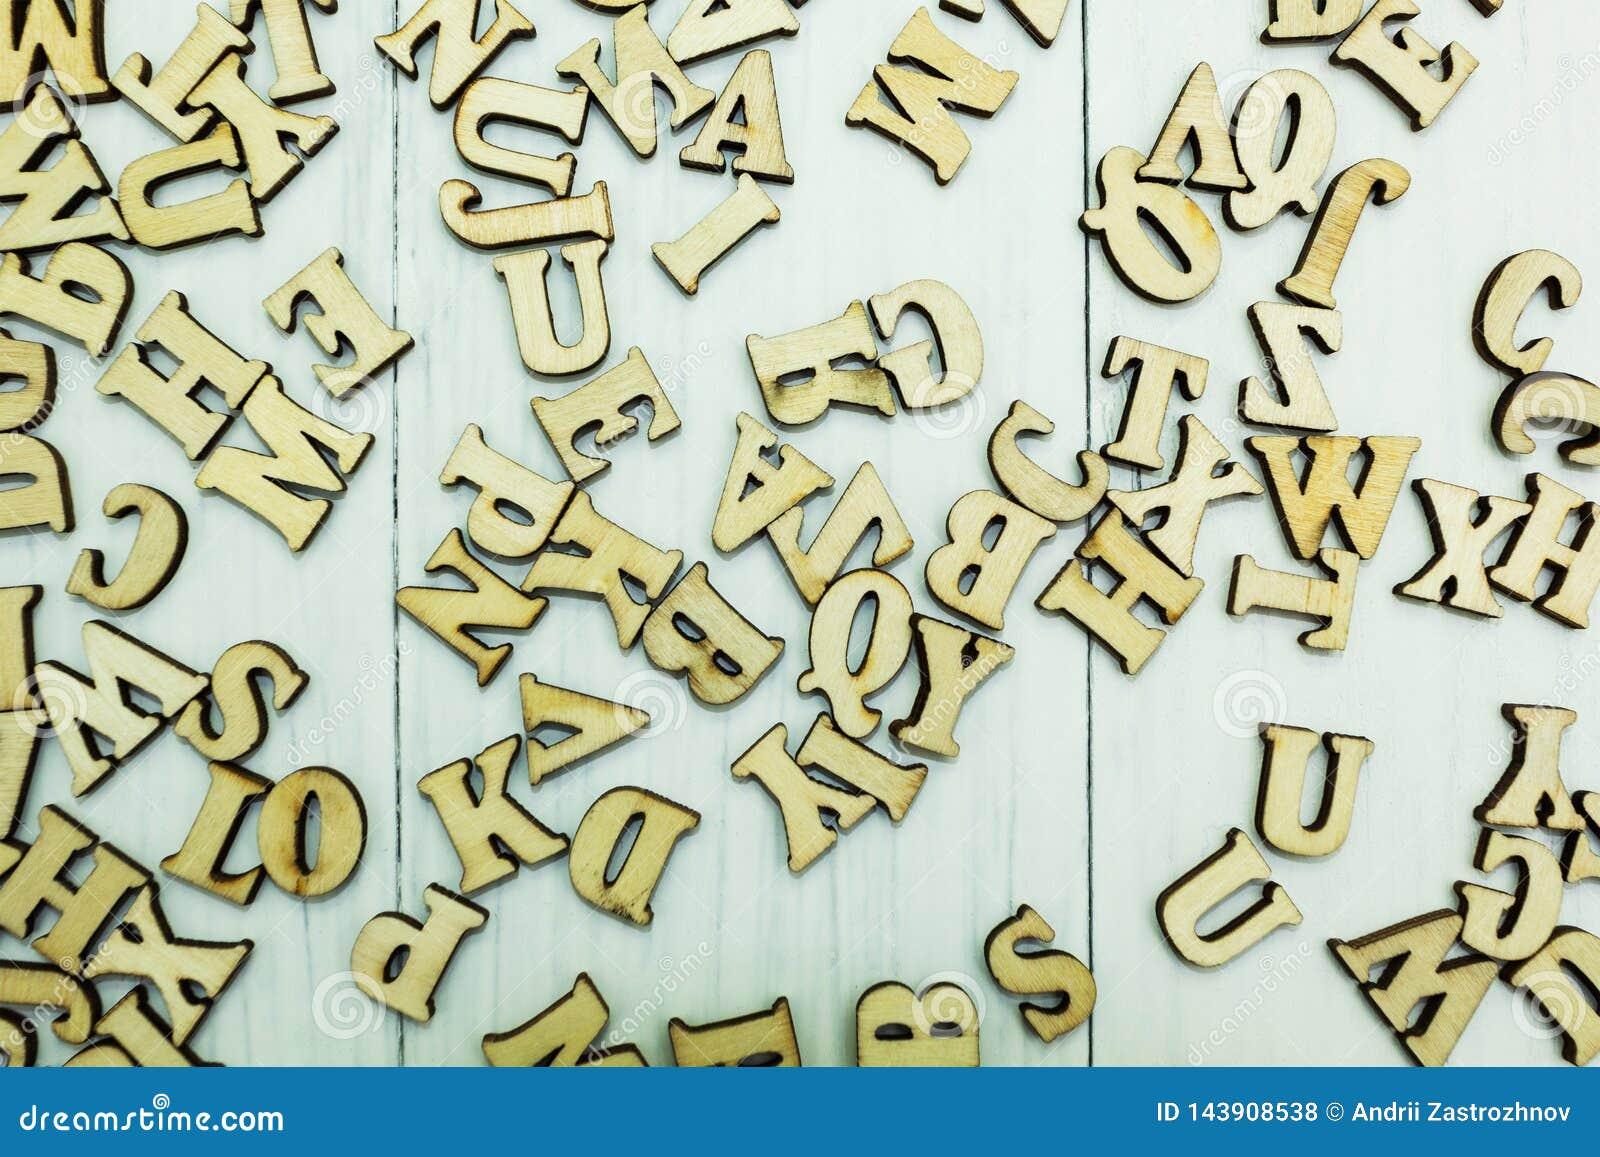 Ξύλινες επιστολές σε ένα άσπρο ξύλινο υπόβαθρο